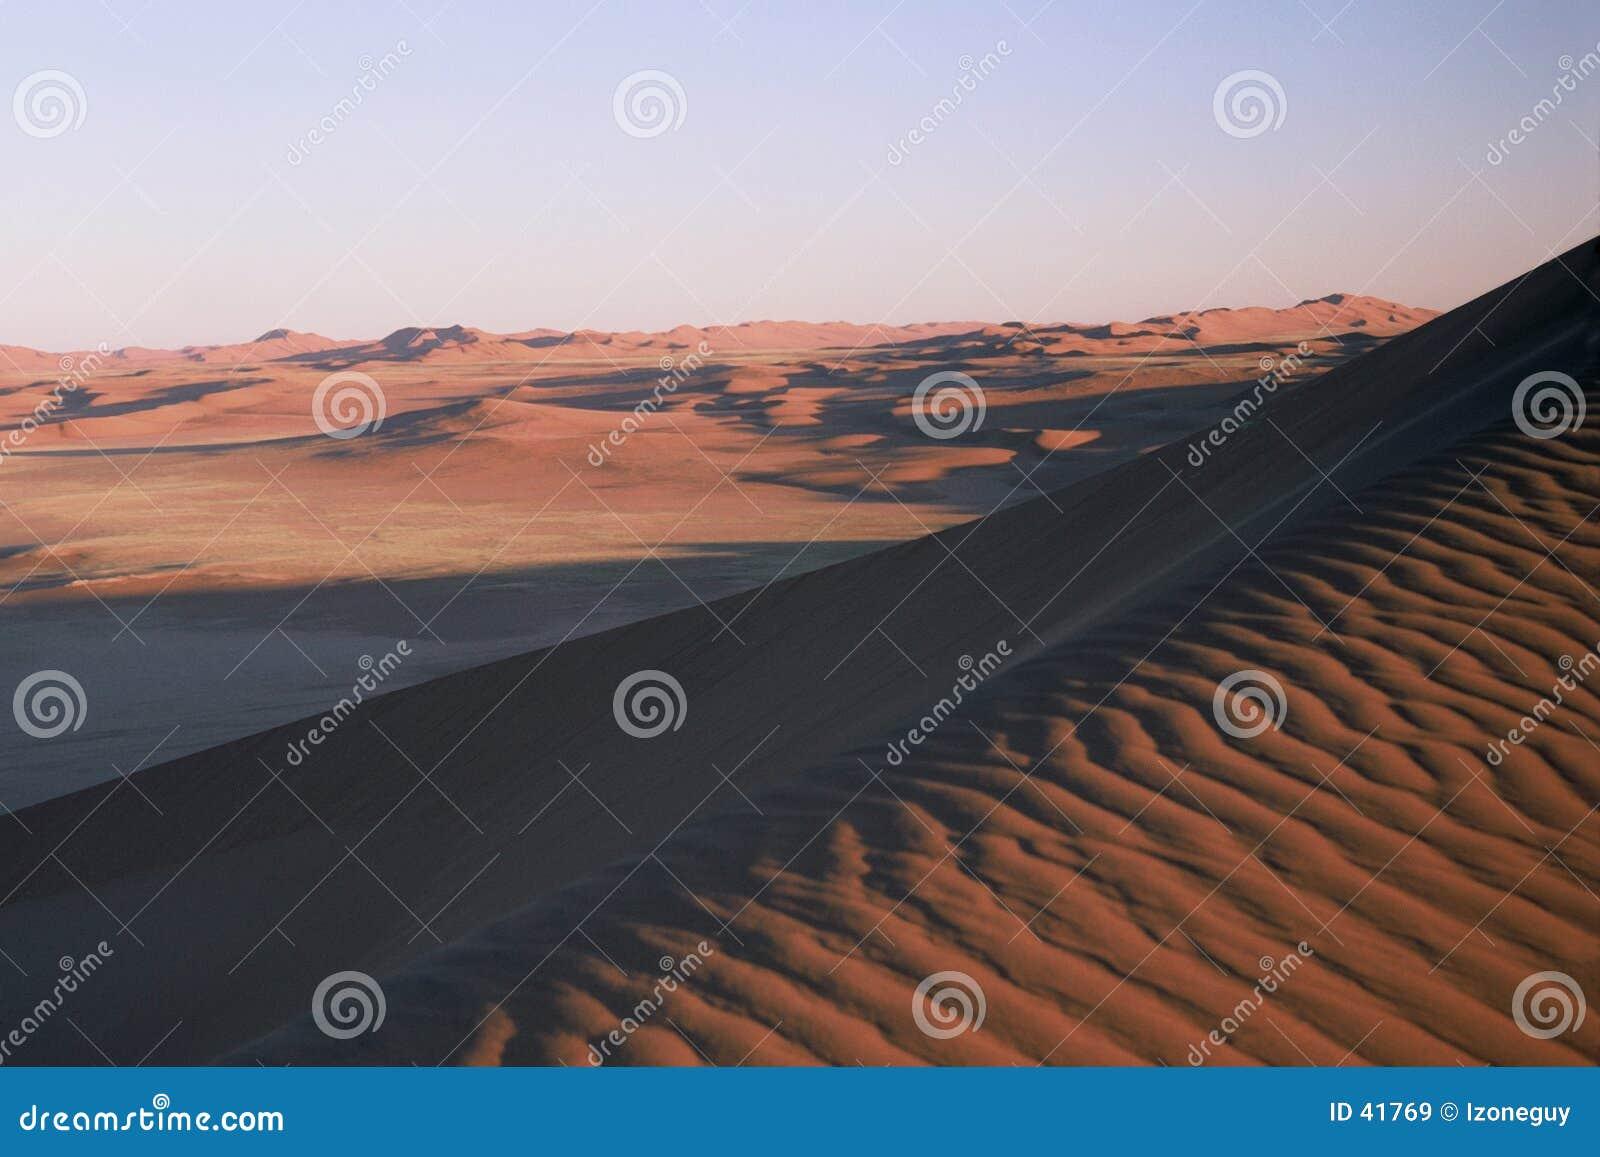 Lonely Desert